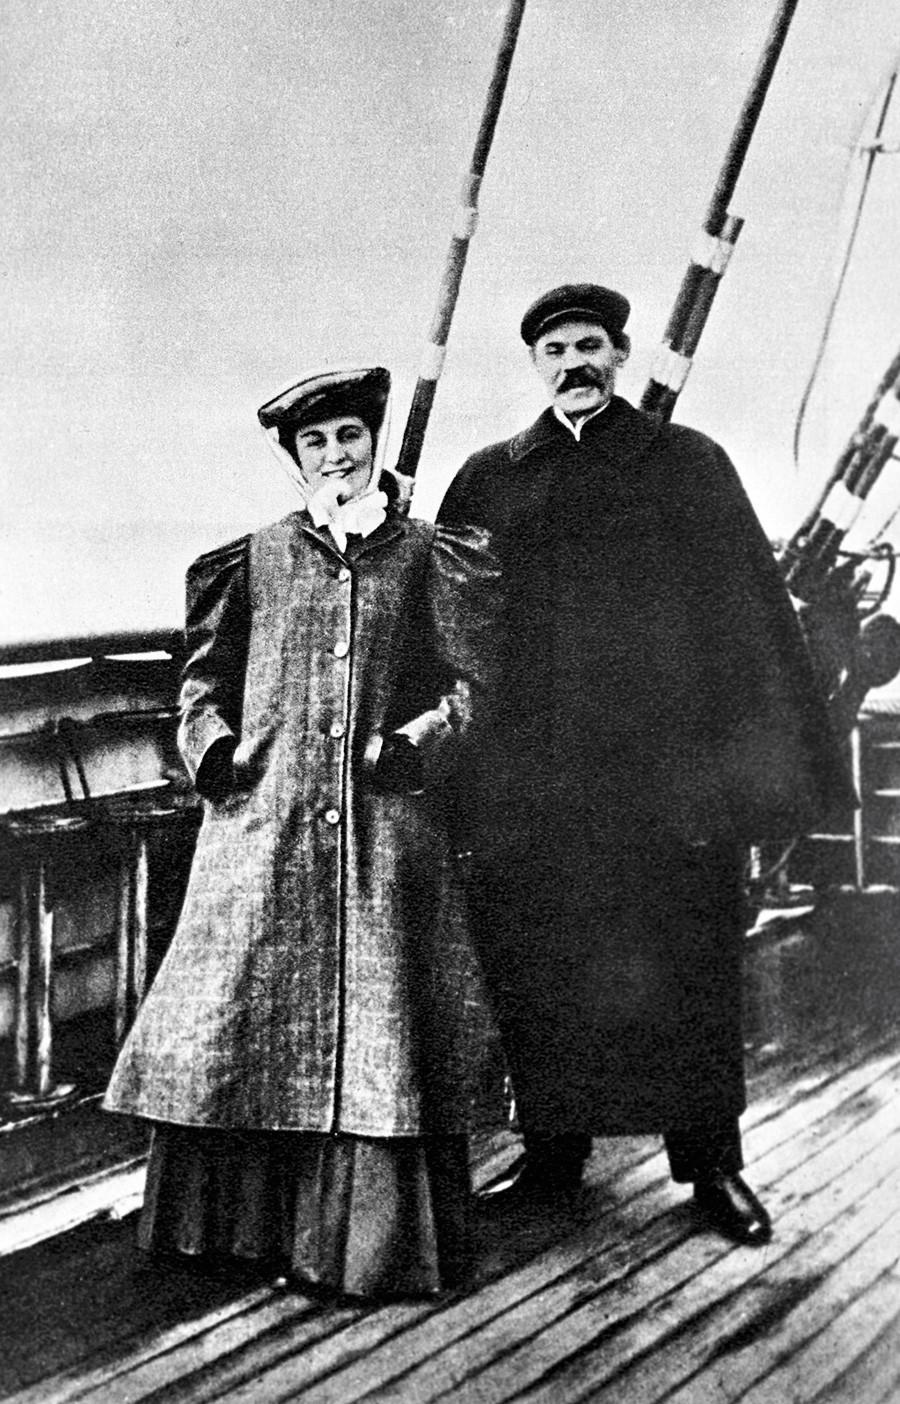 Мария Андреева и Максим Горький на борту корабля, который везет их в Америку